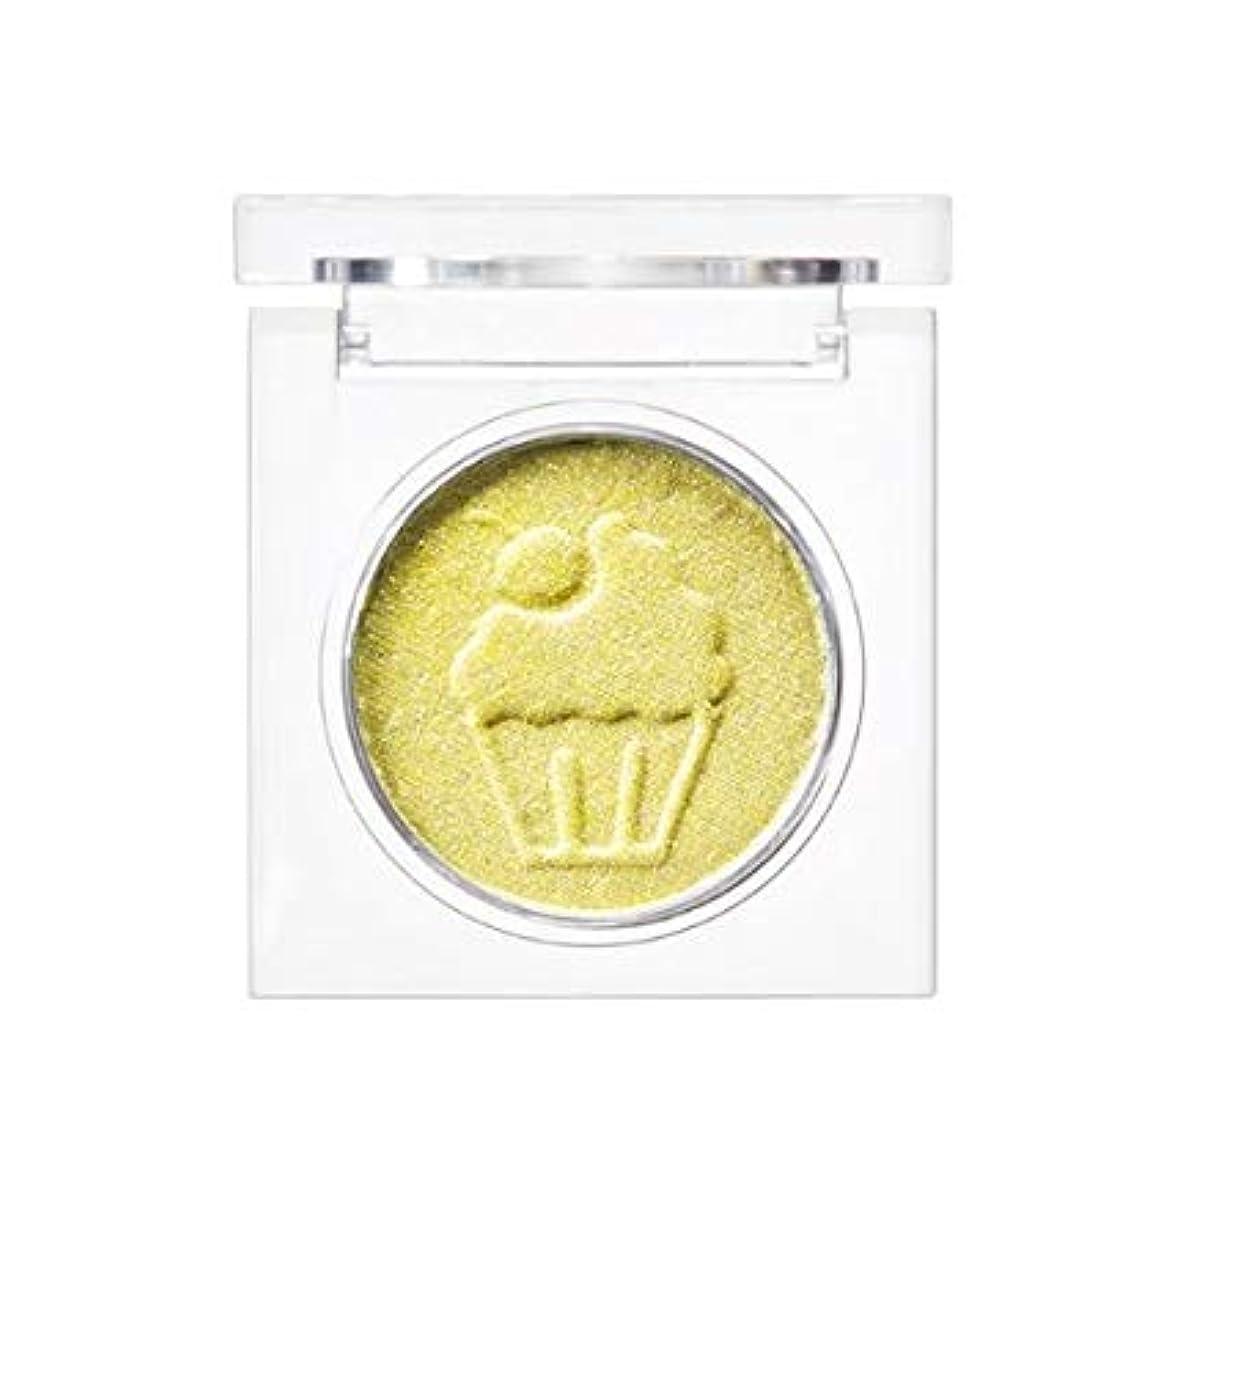 論理ナインへ戦いSkinfood 私のデザートパーティーアイシャドウ#G02ライムプリン / My Dessert Party Eyeshadow #G02 Lime Pudding [並行輸入品]